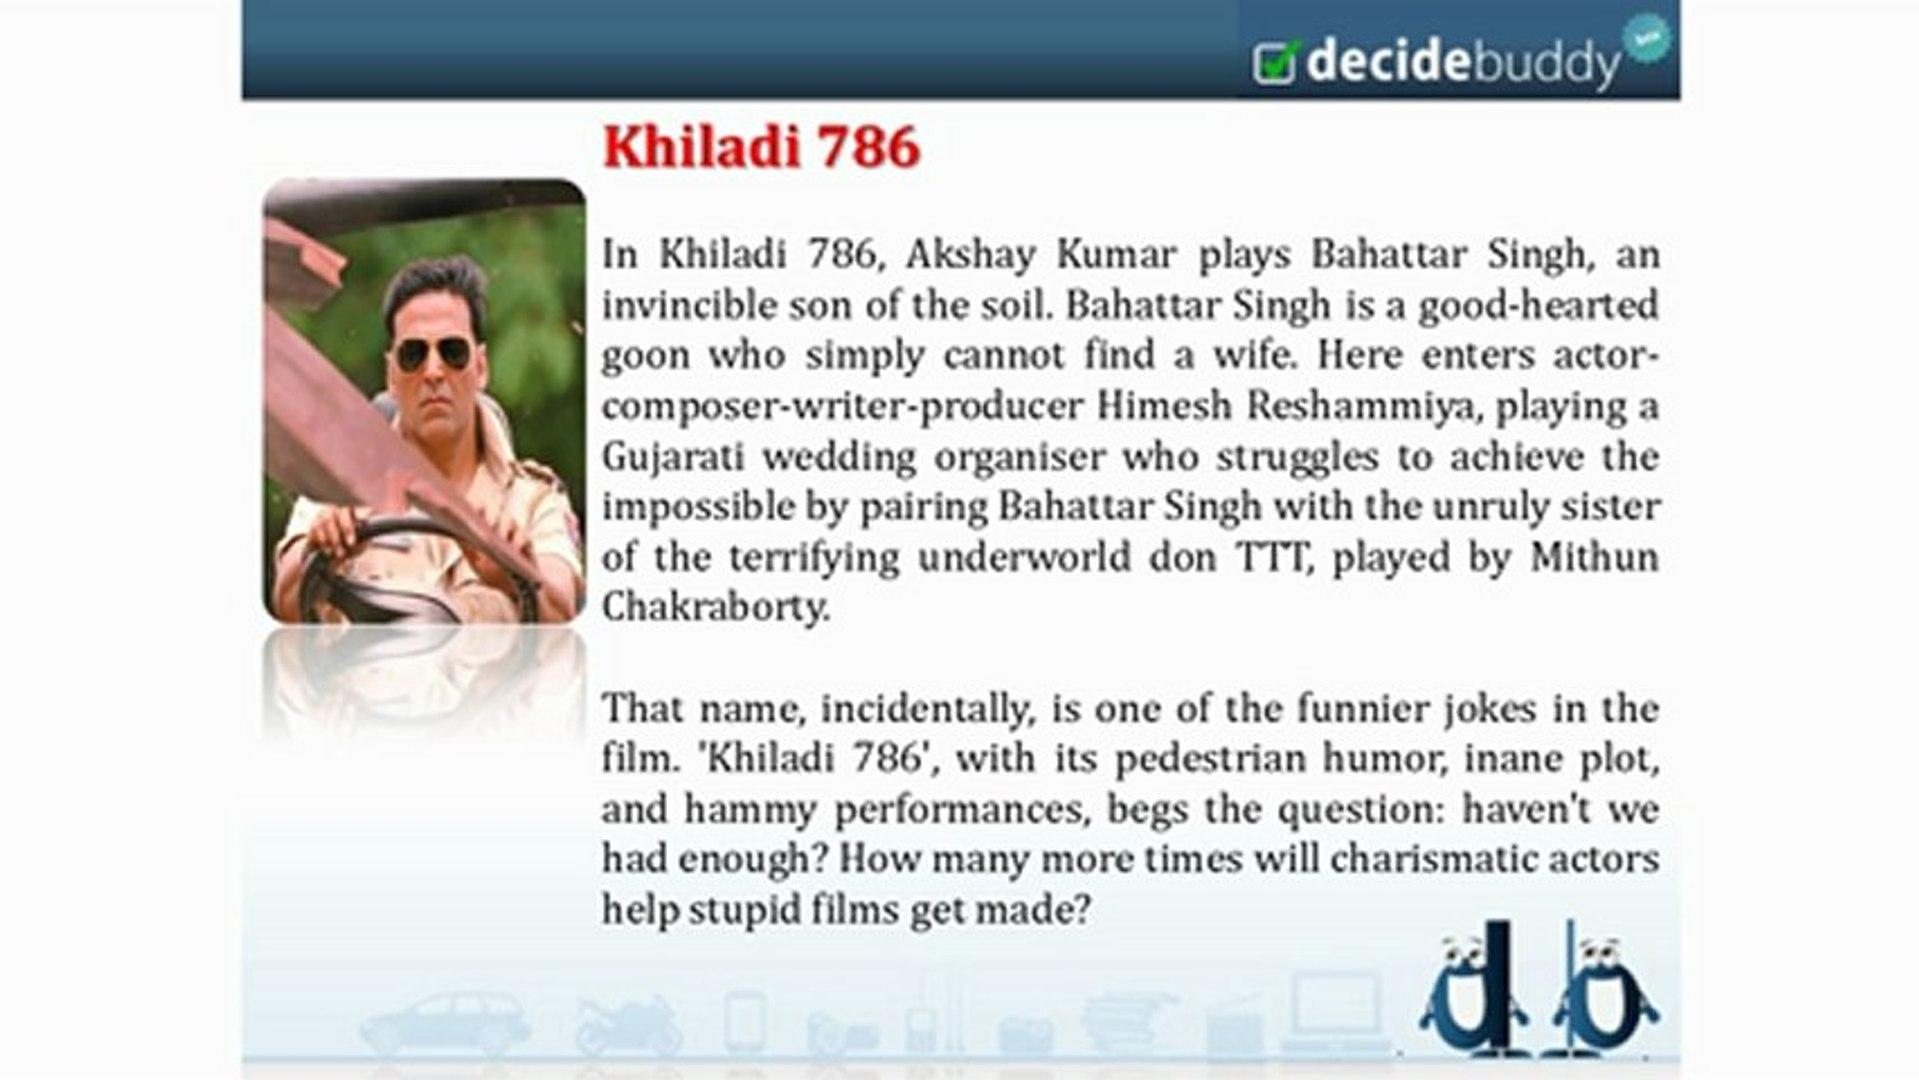 Khiladi 786 Bollywood Movie Reviews At Decidebuddy Com